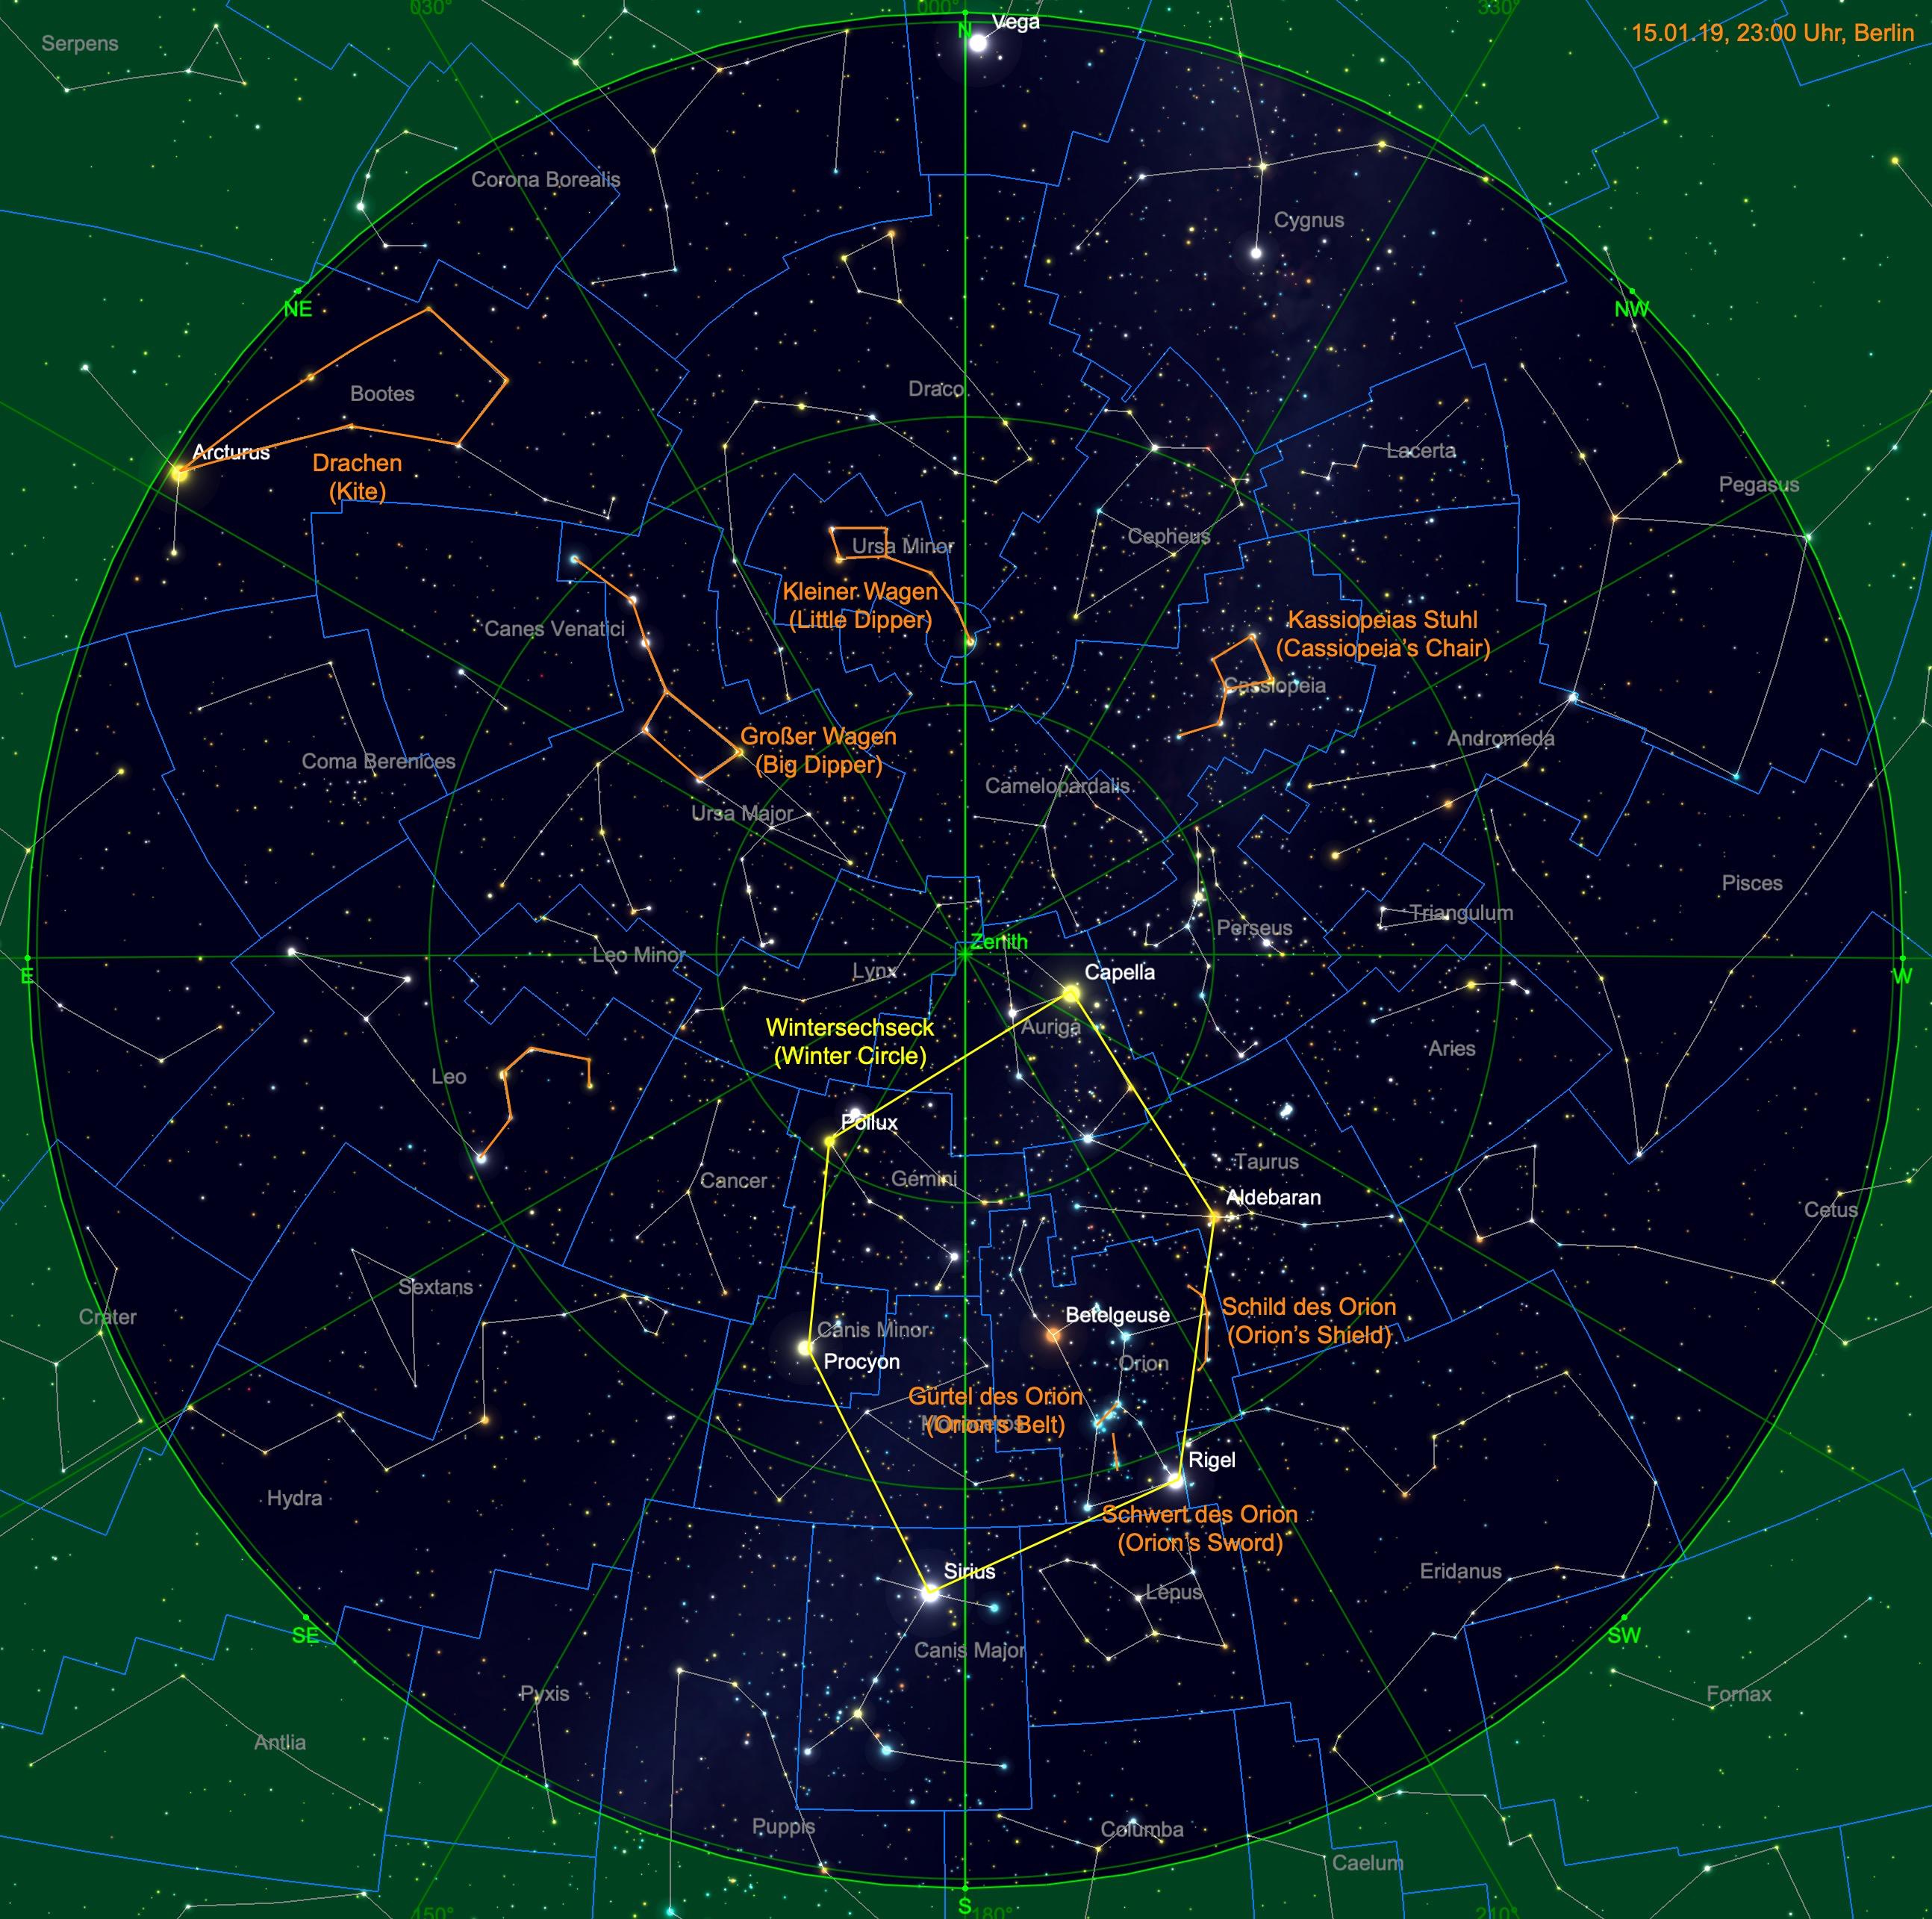 Sternhimmel am 15. Januar, 23:00 Uhr